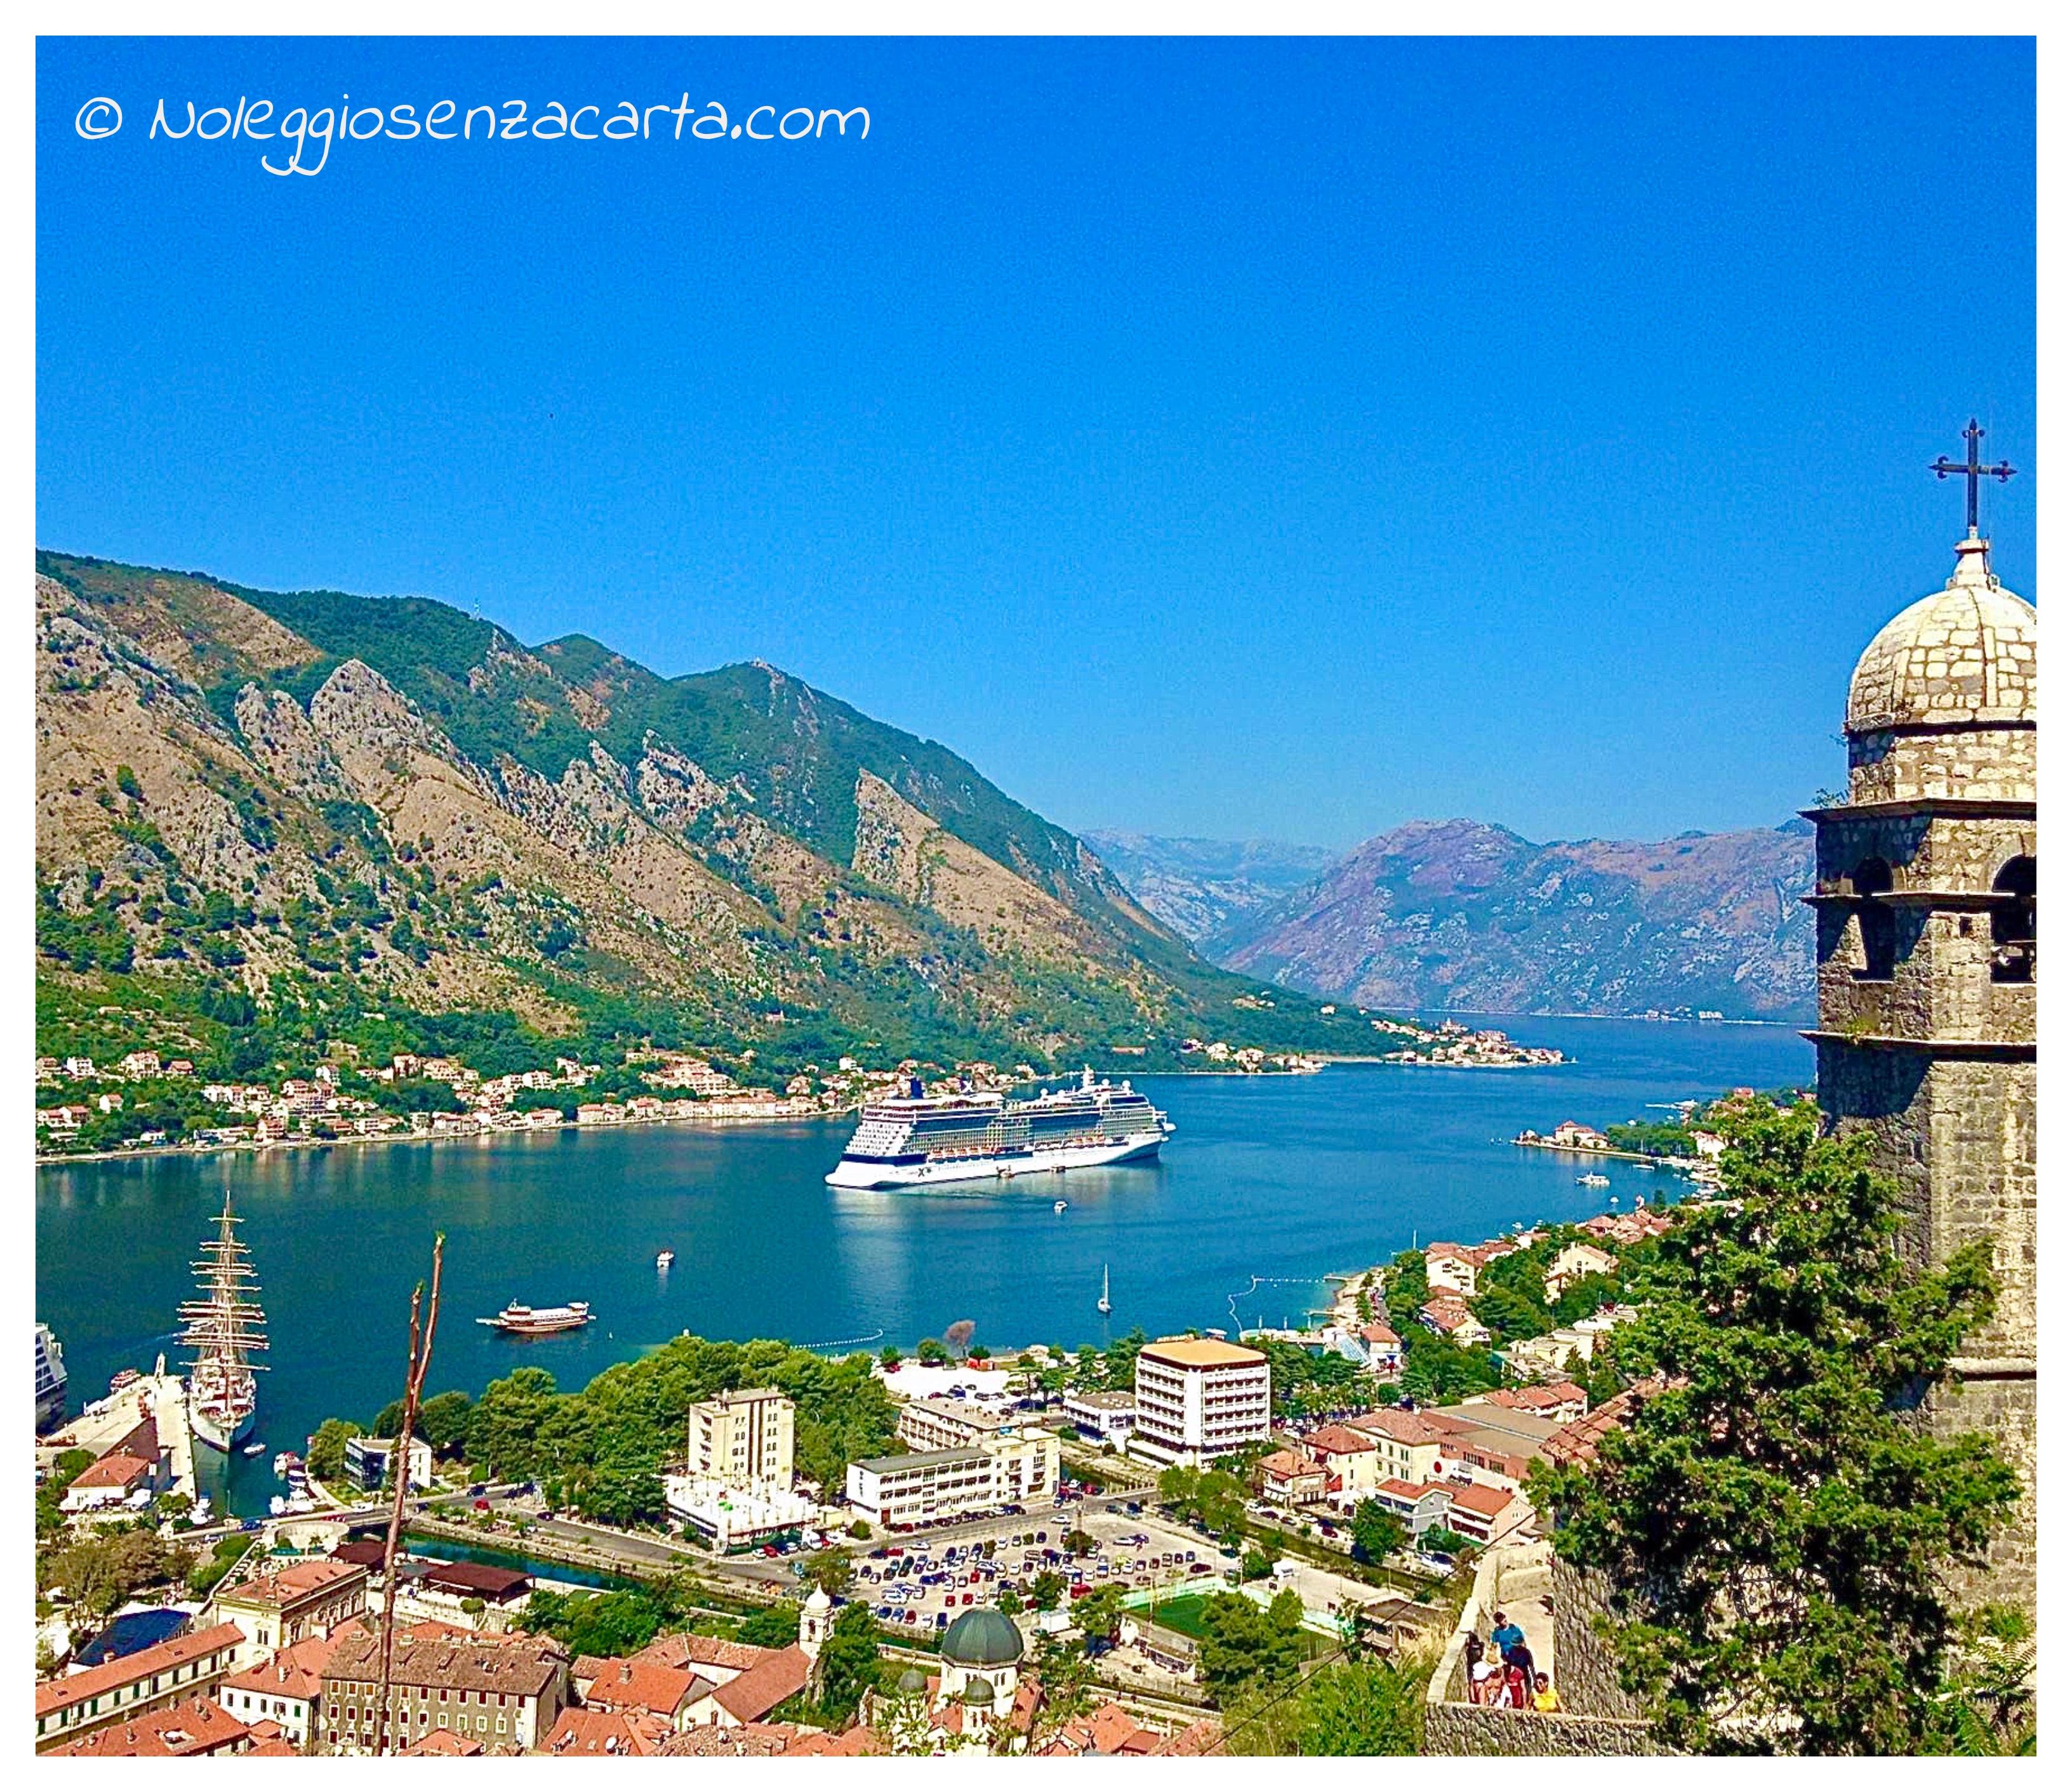 Noleggiare auto senza carta di credito in Montenegro